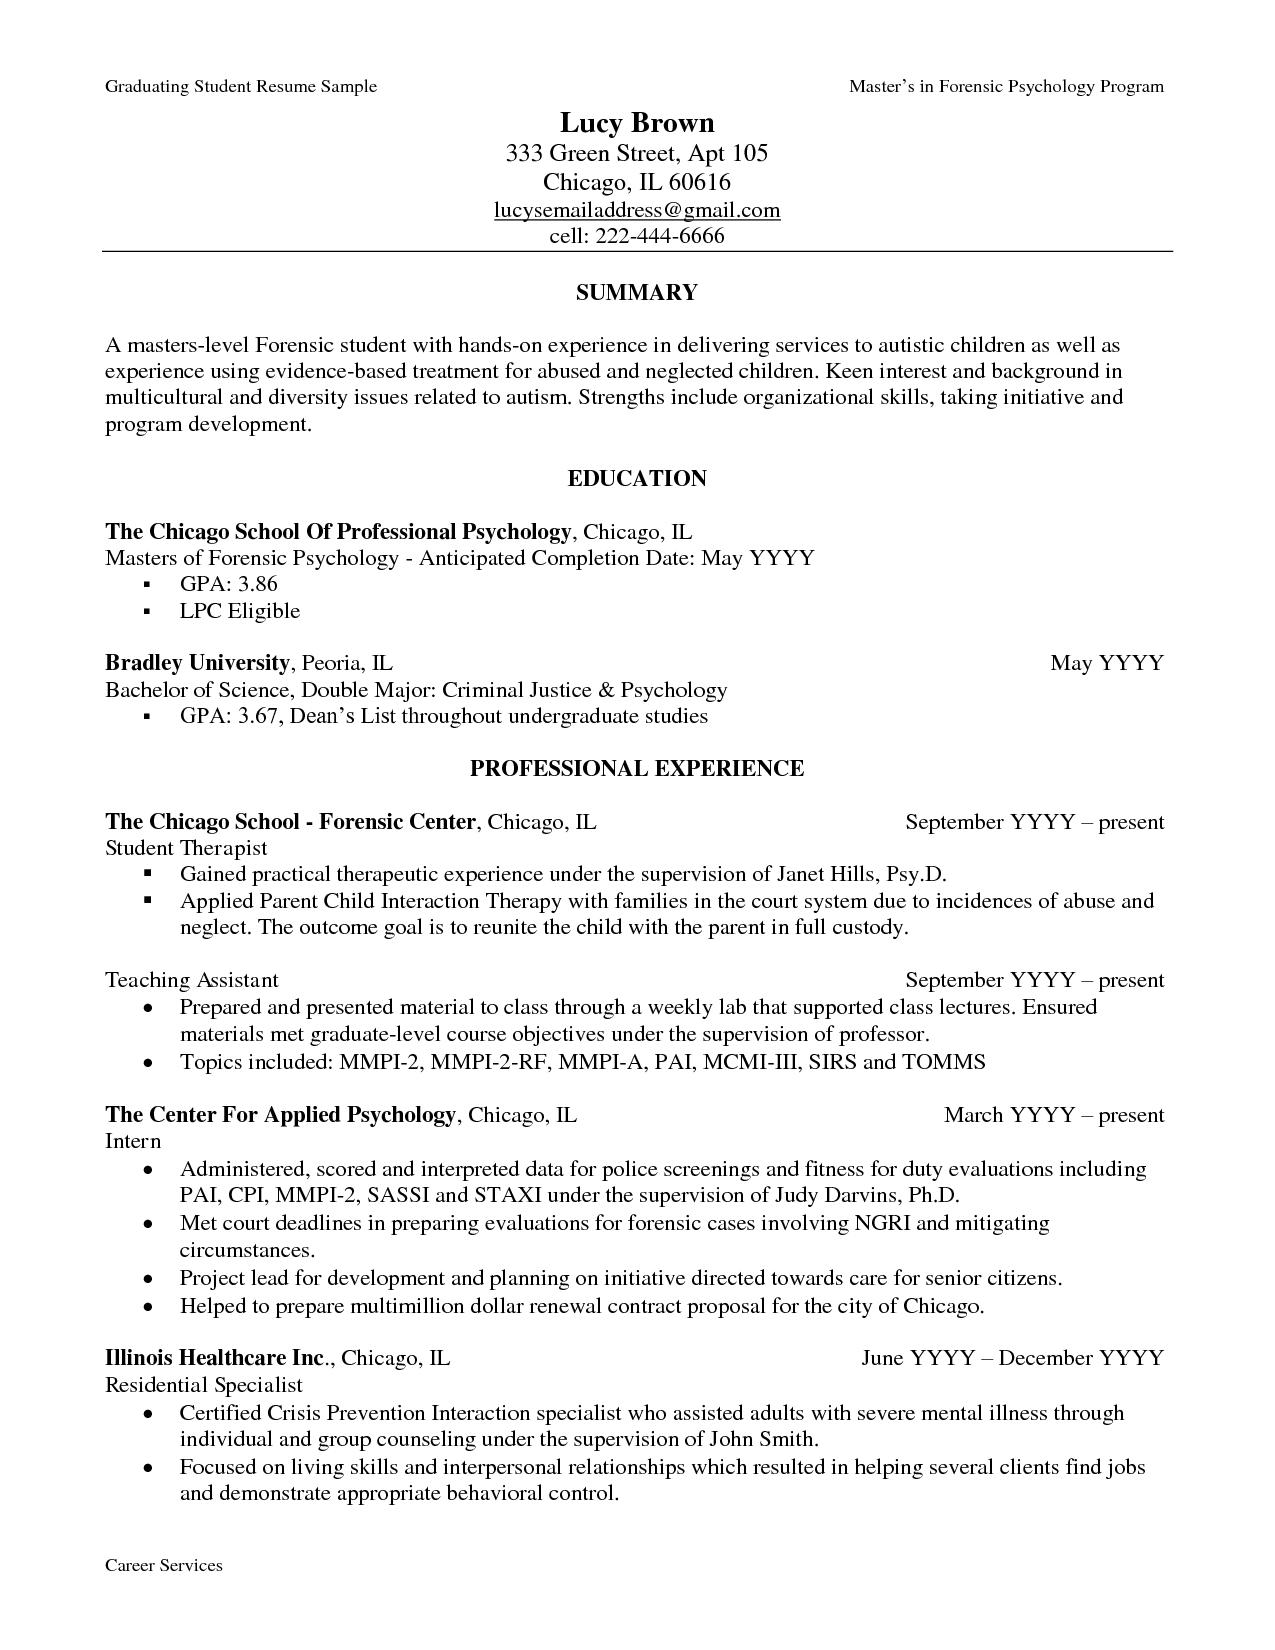 Sample Resume For Psychology Graduate